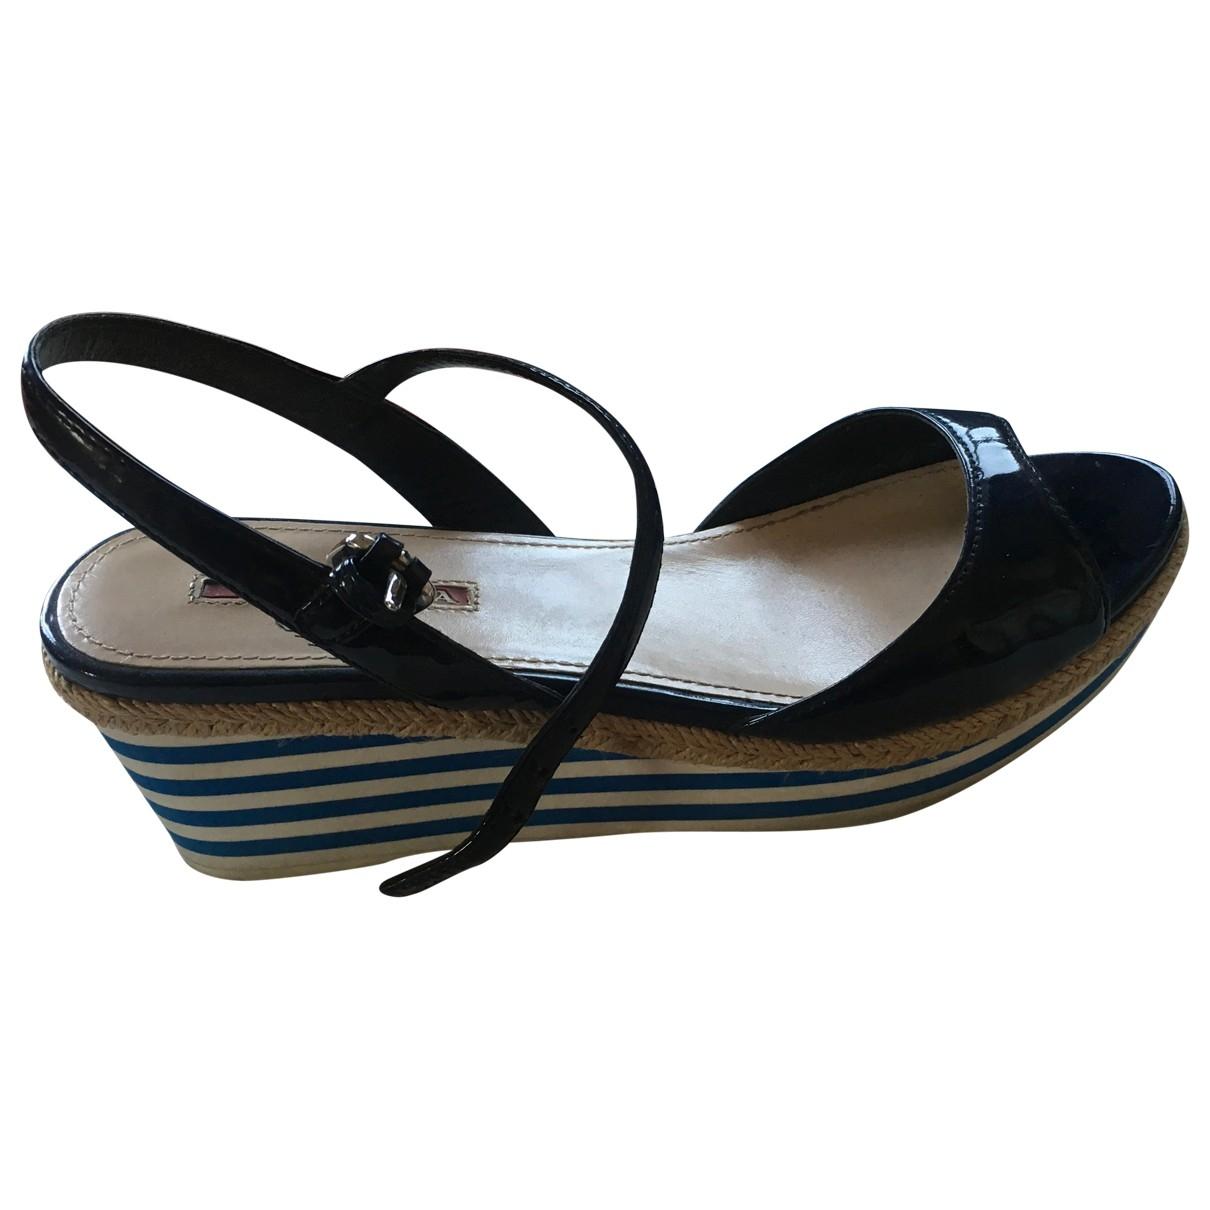 Prada - Sandales   pour femme en cuir verni - bleu